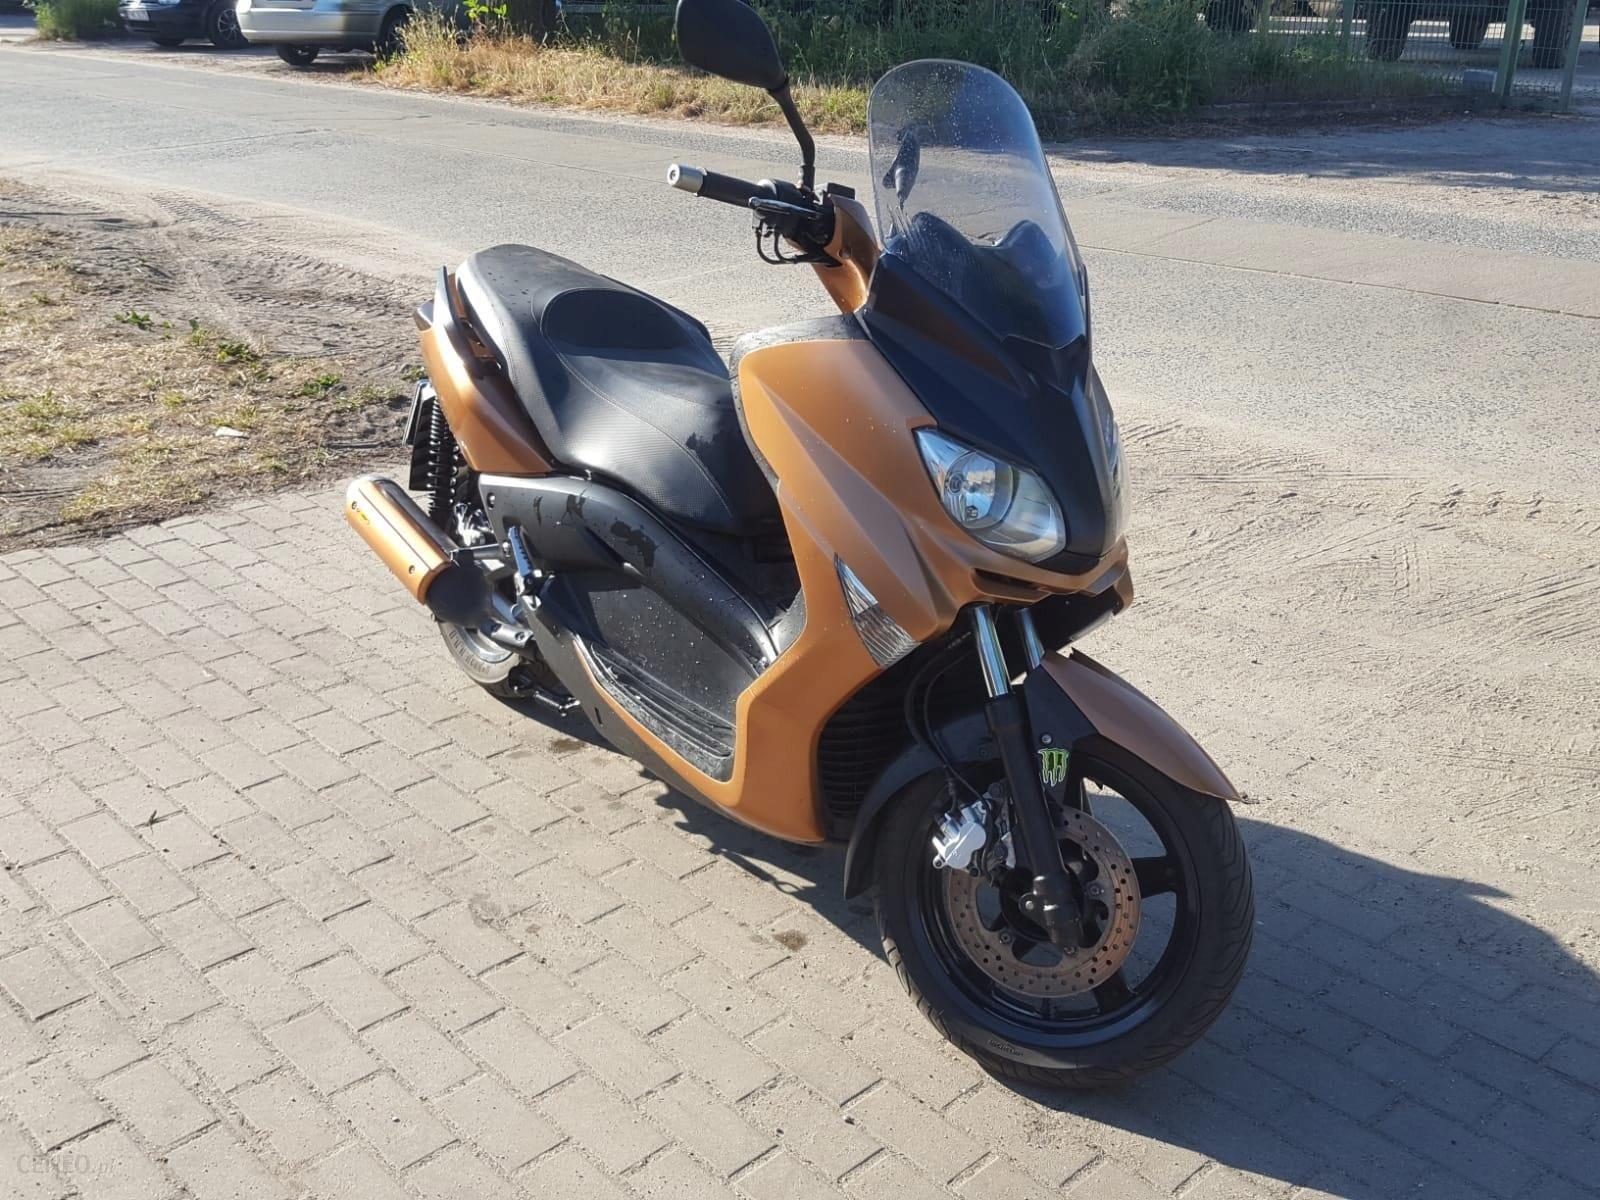 Skuter Yamaha X Max 250 Zarejestrowany 125cm Kat B Opinie I Ceny Na Ceneo Pl